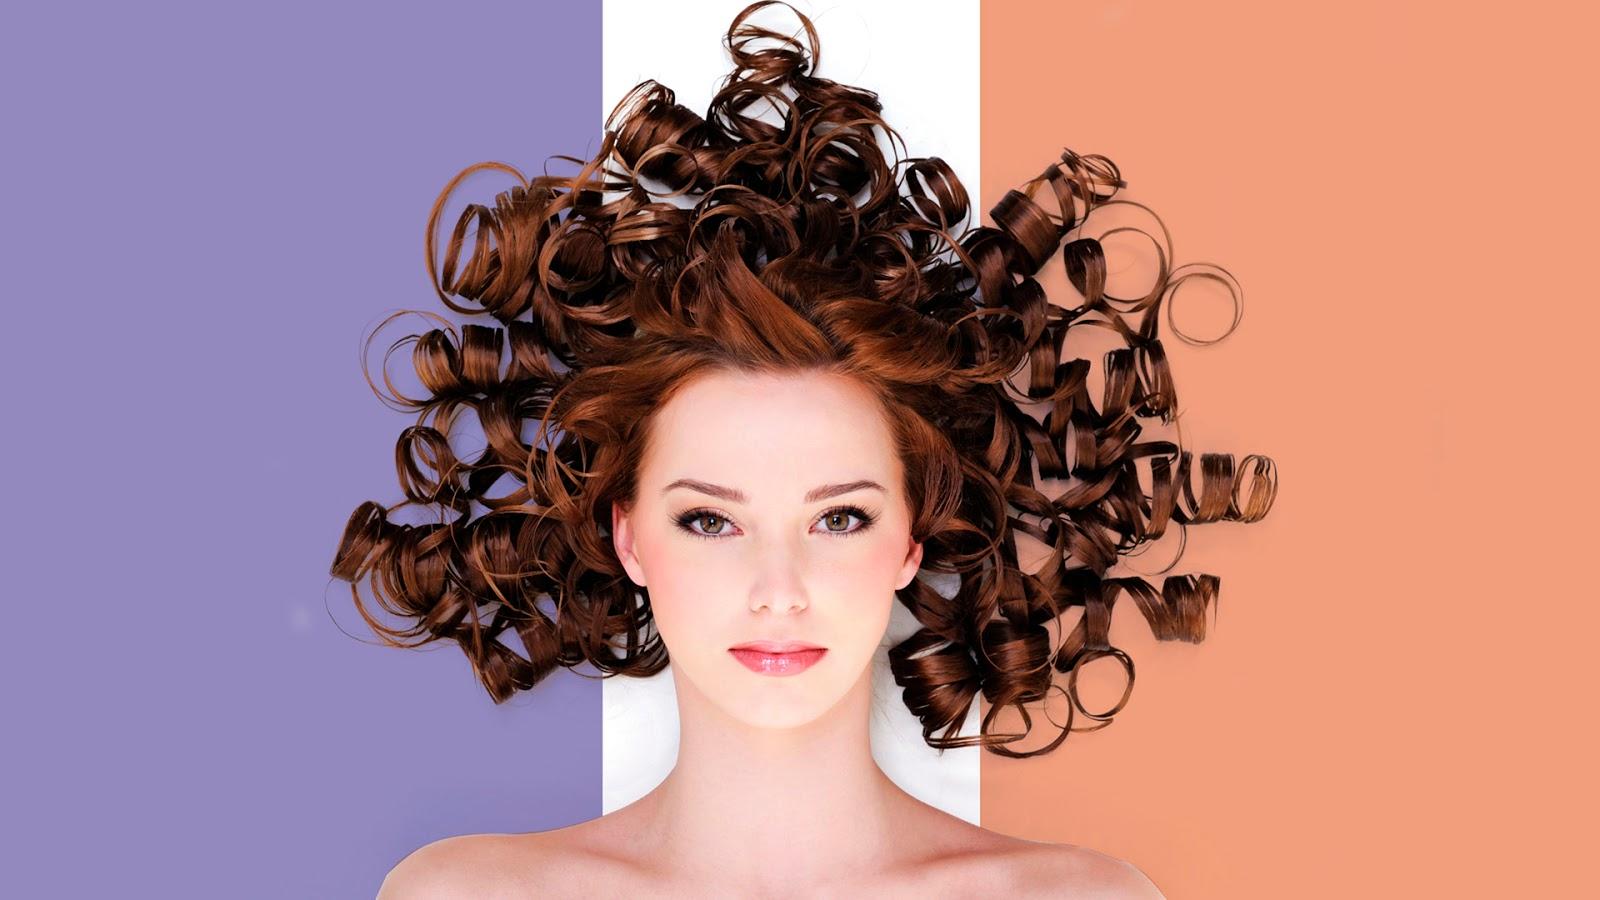 recortar cabello facilmente photoshop